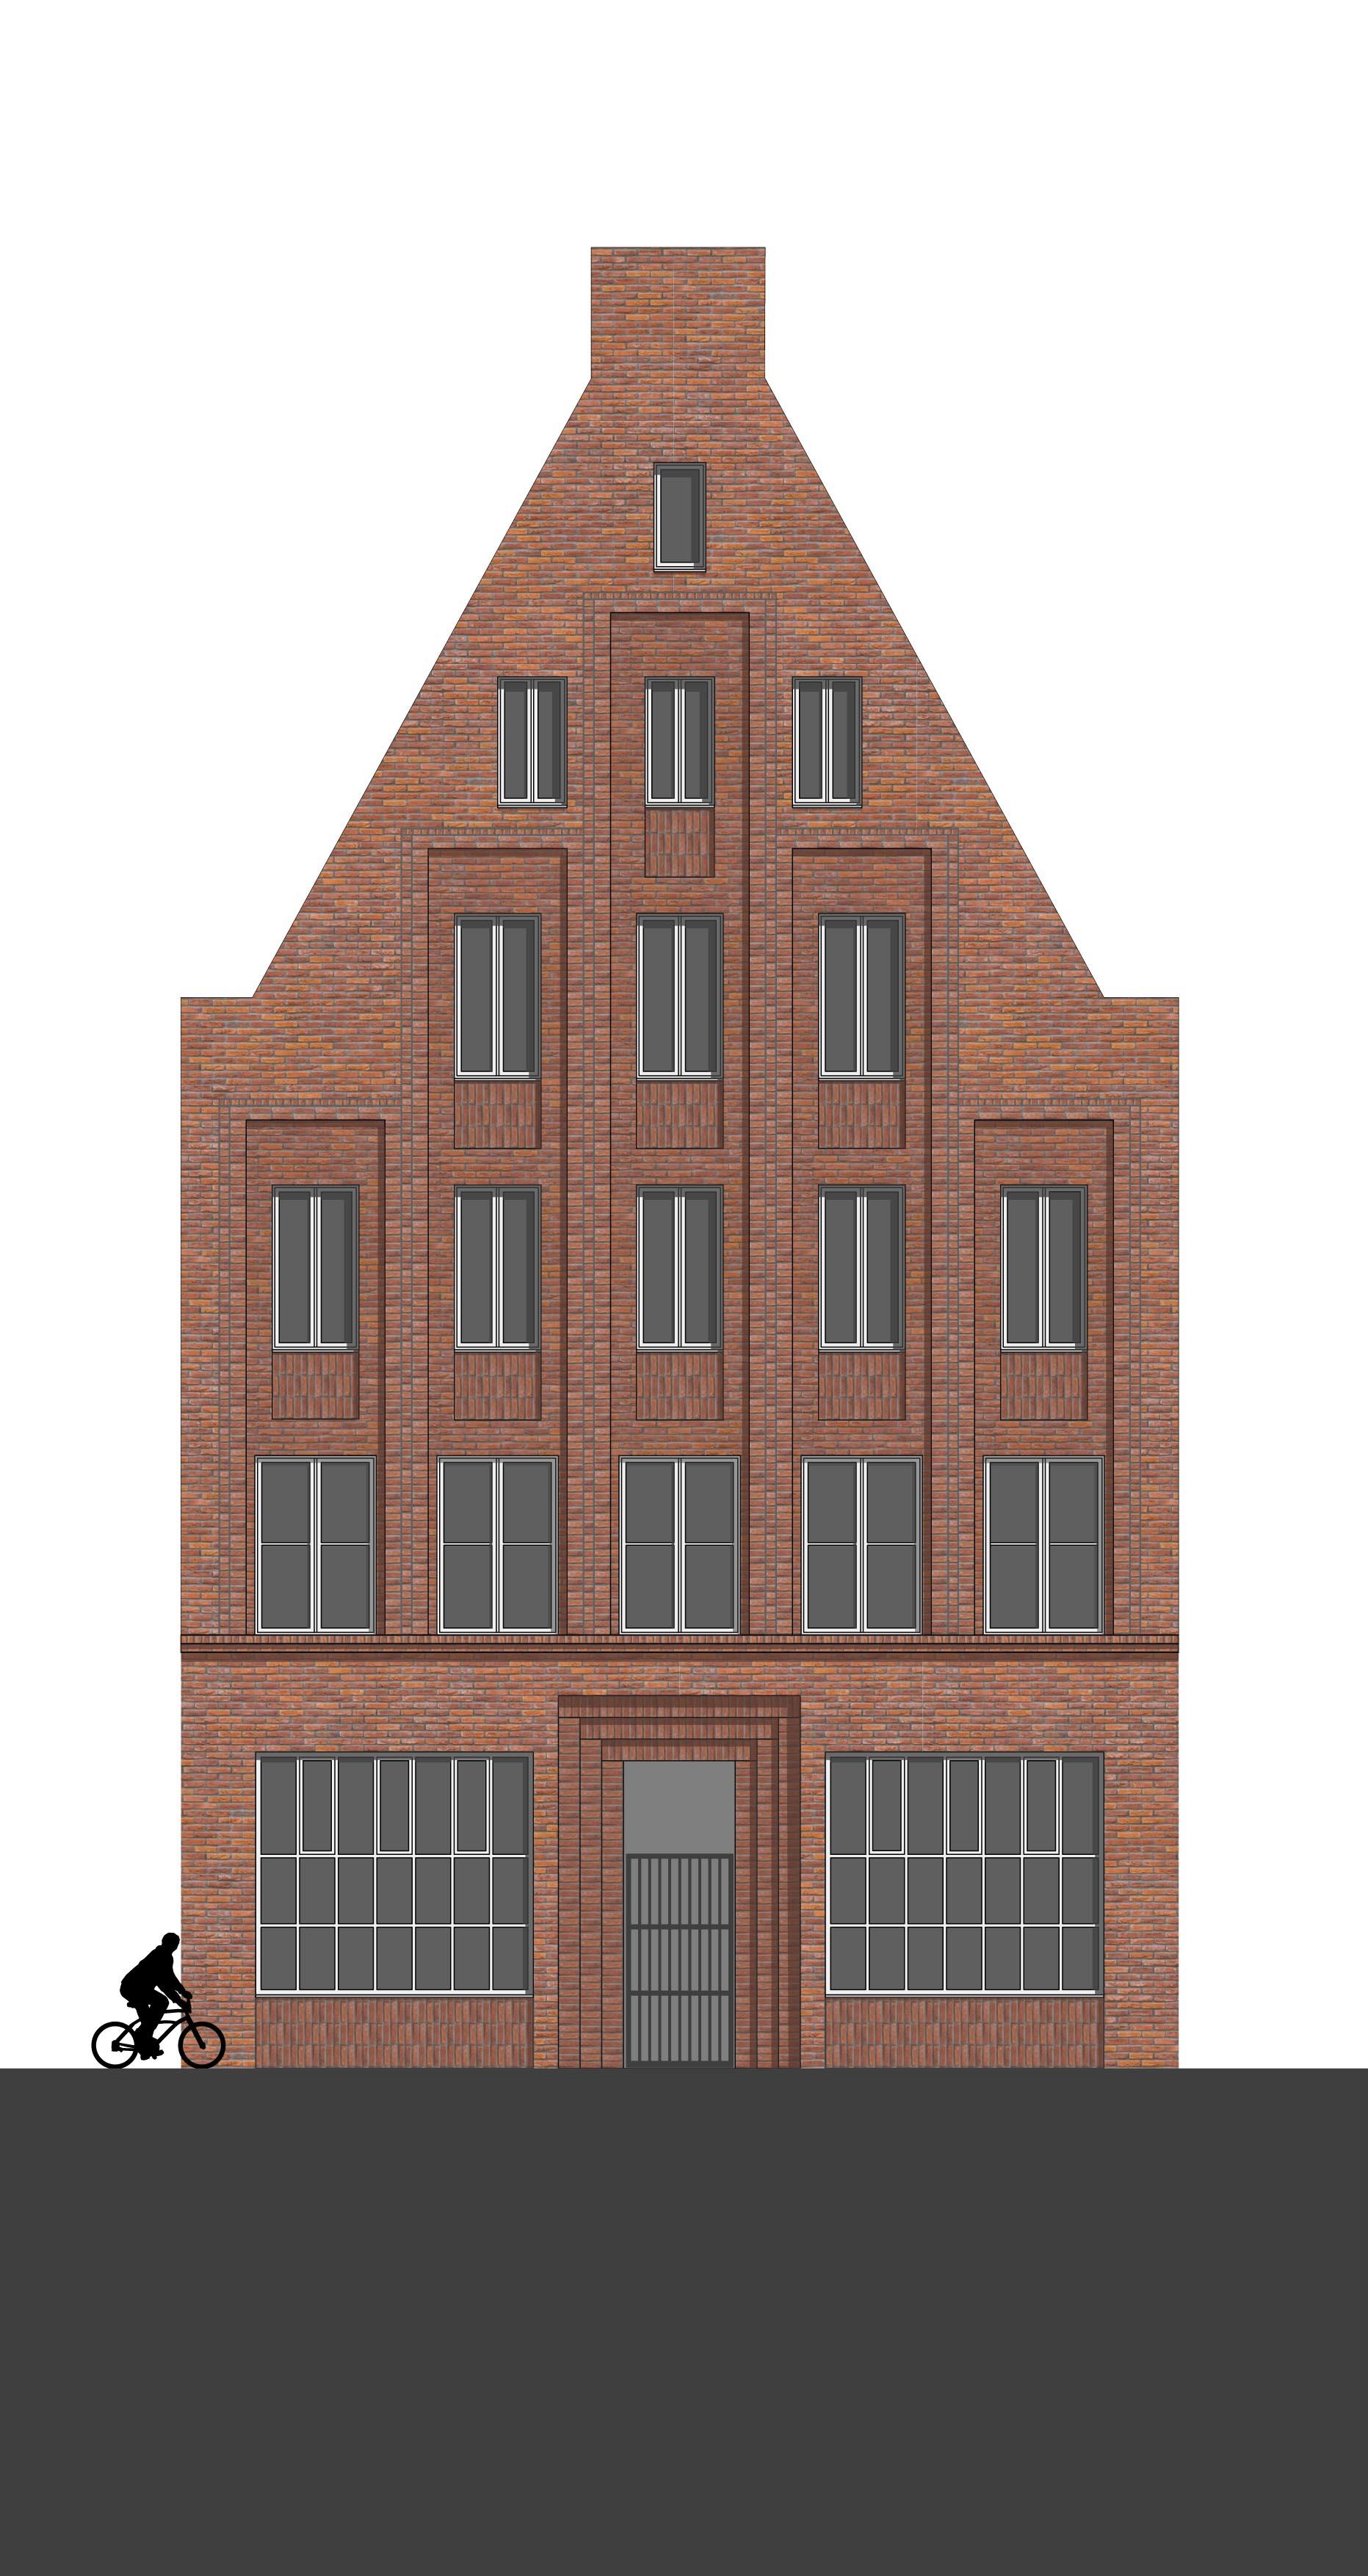 Gründungsviertel_01.jpg